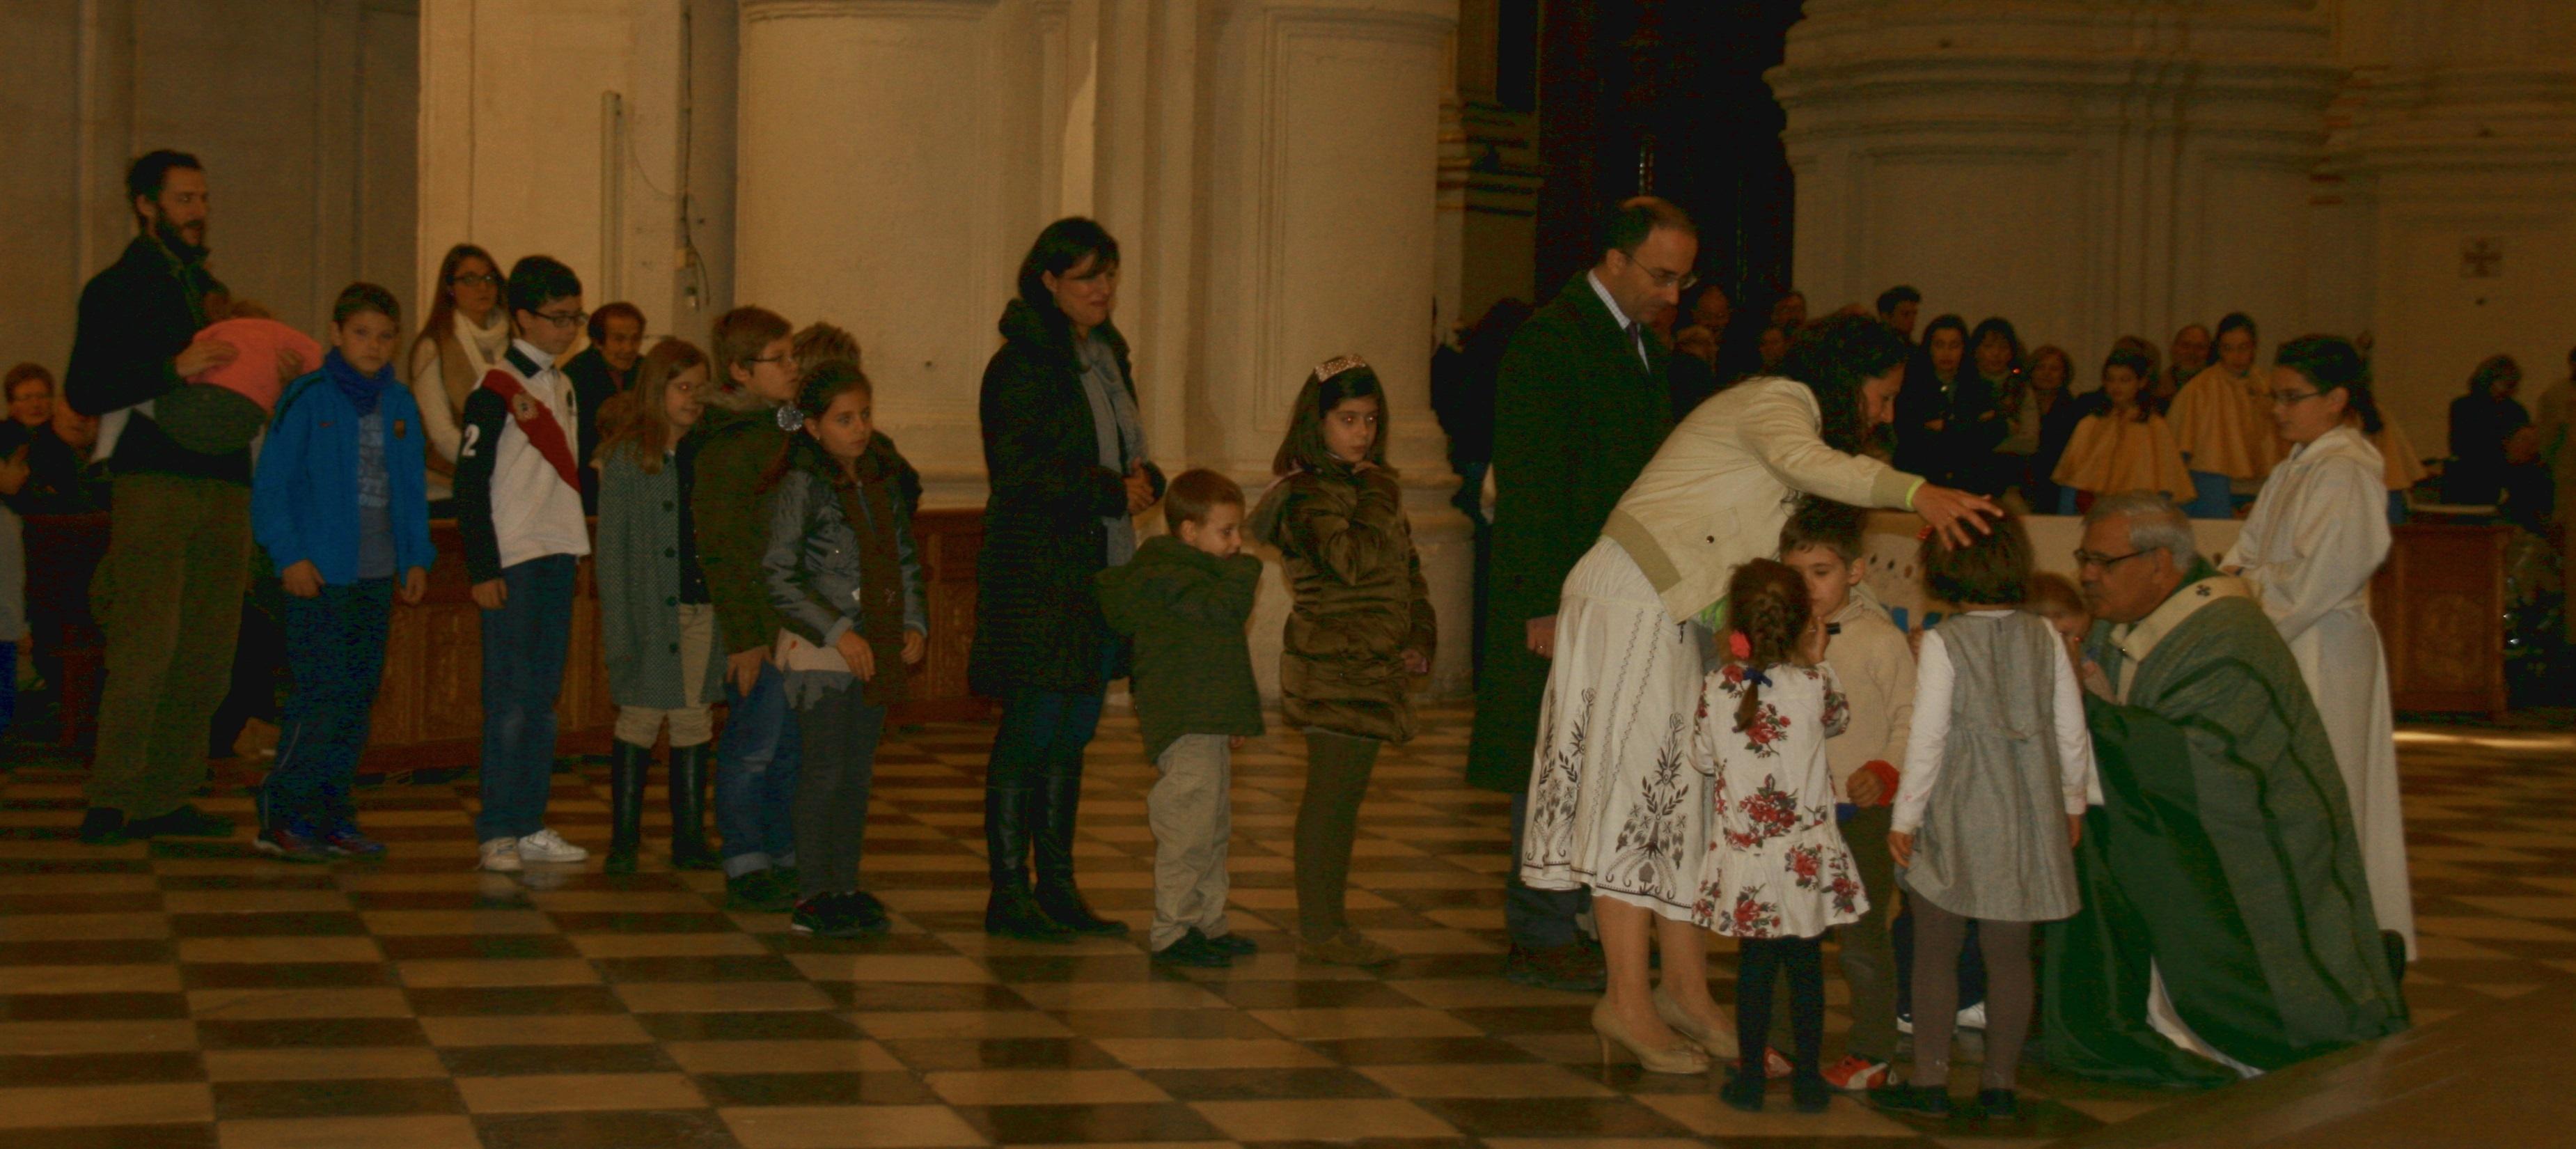 El Arzobispado de Granada destaca la afluencia de fieles a la Catedral frente a los «ataques» por »Cásate y sé sumisa»